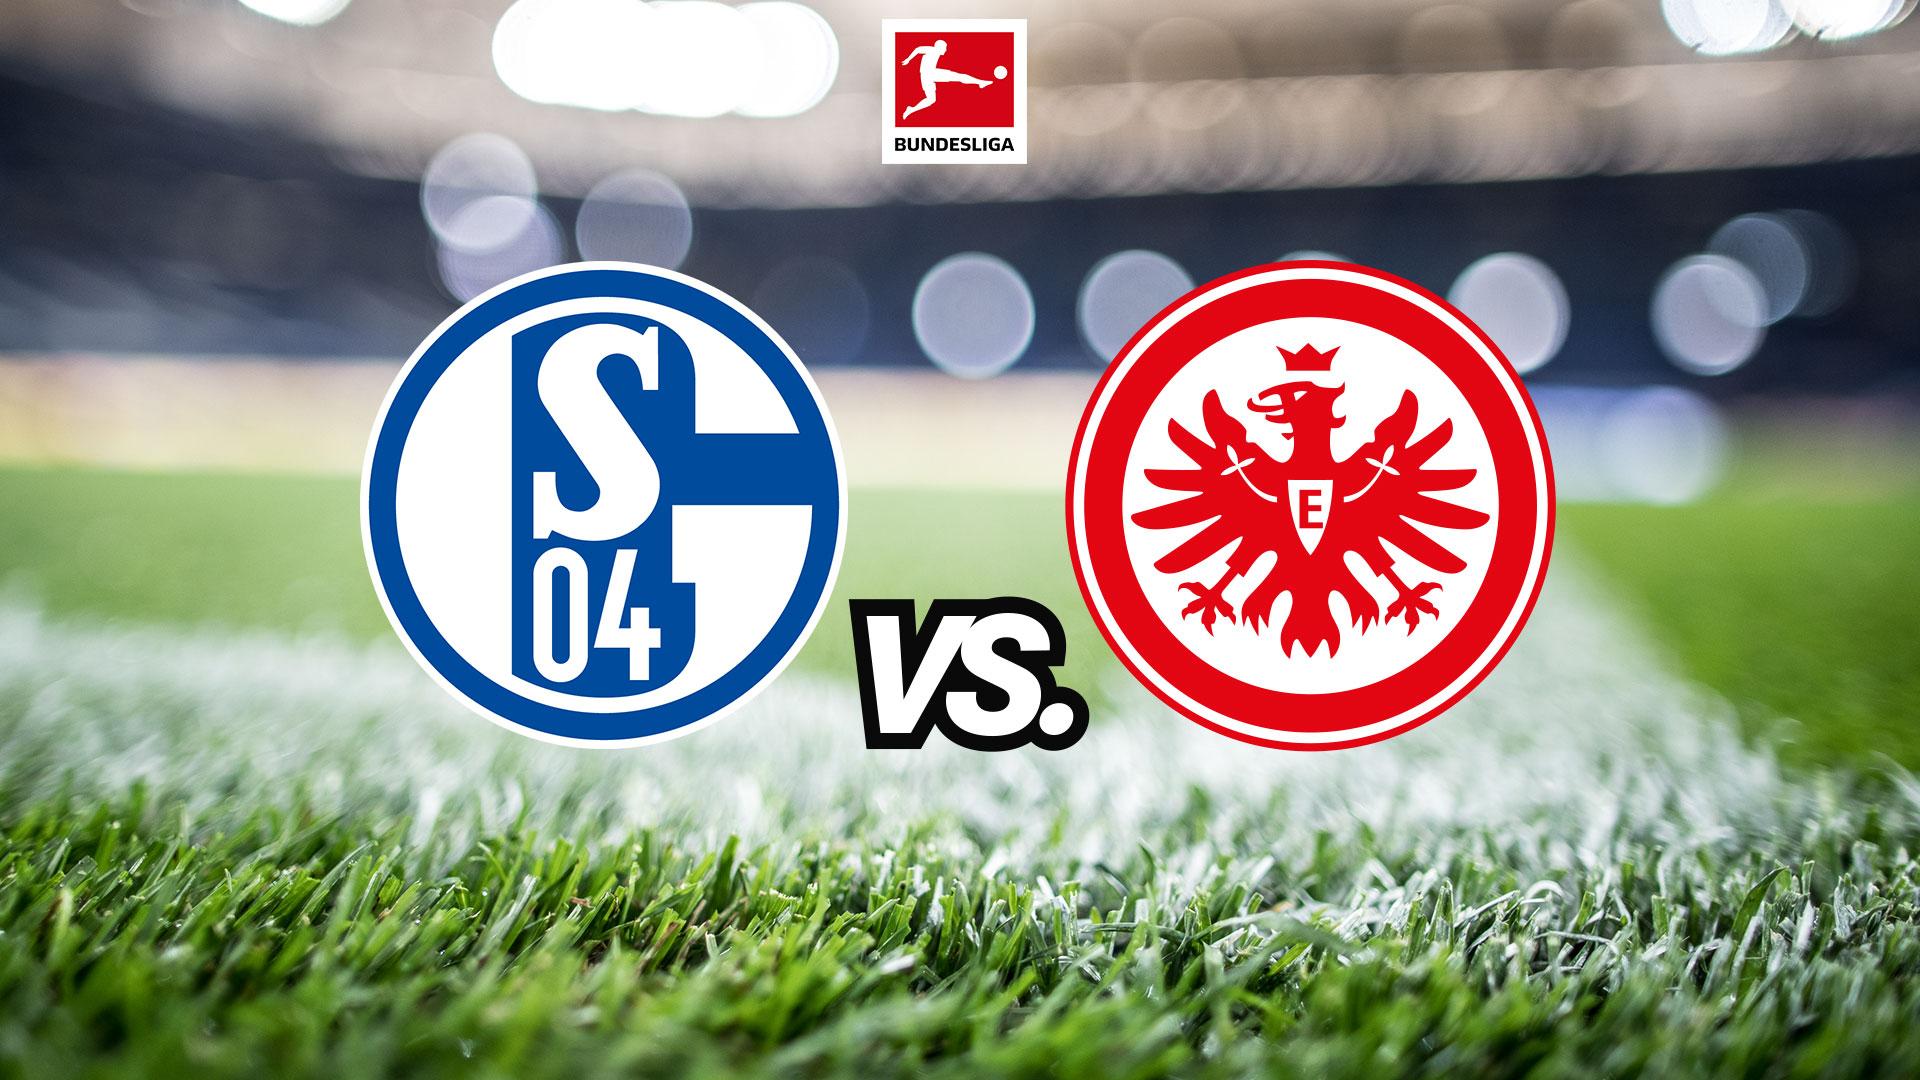 Dự đoán cuộc chiến giữa Eintracht Frankfurt vs Schalke